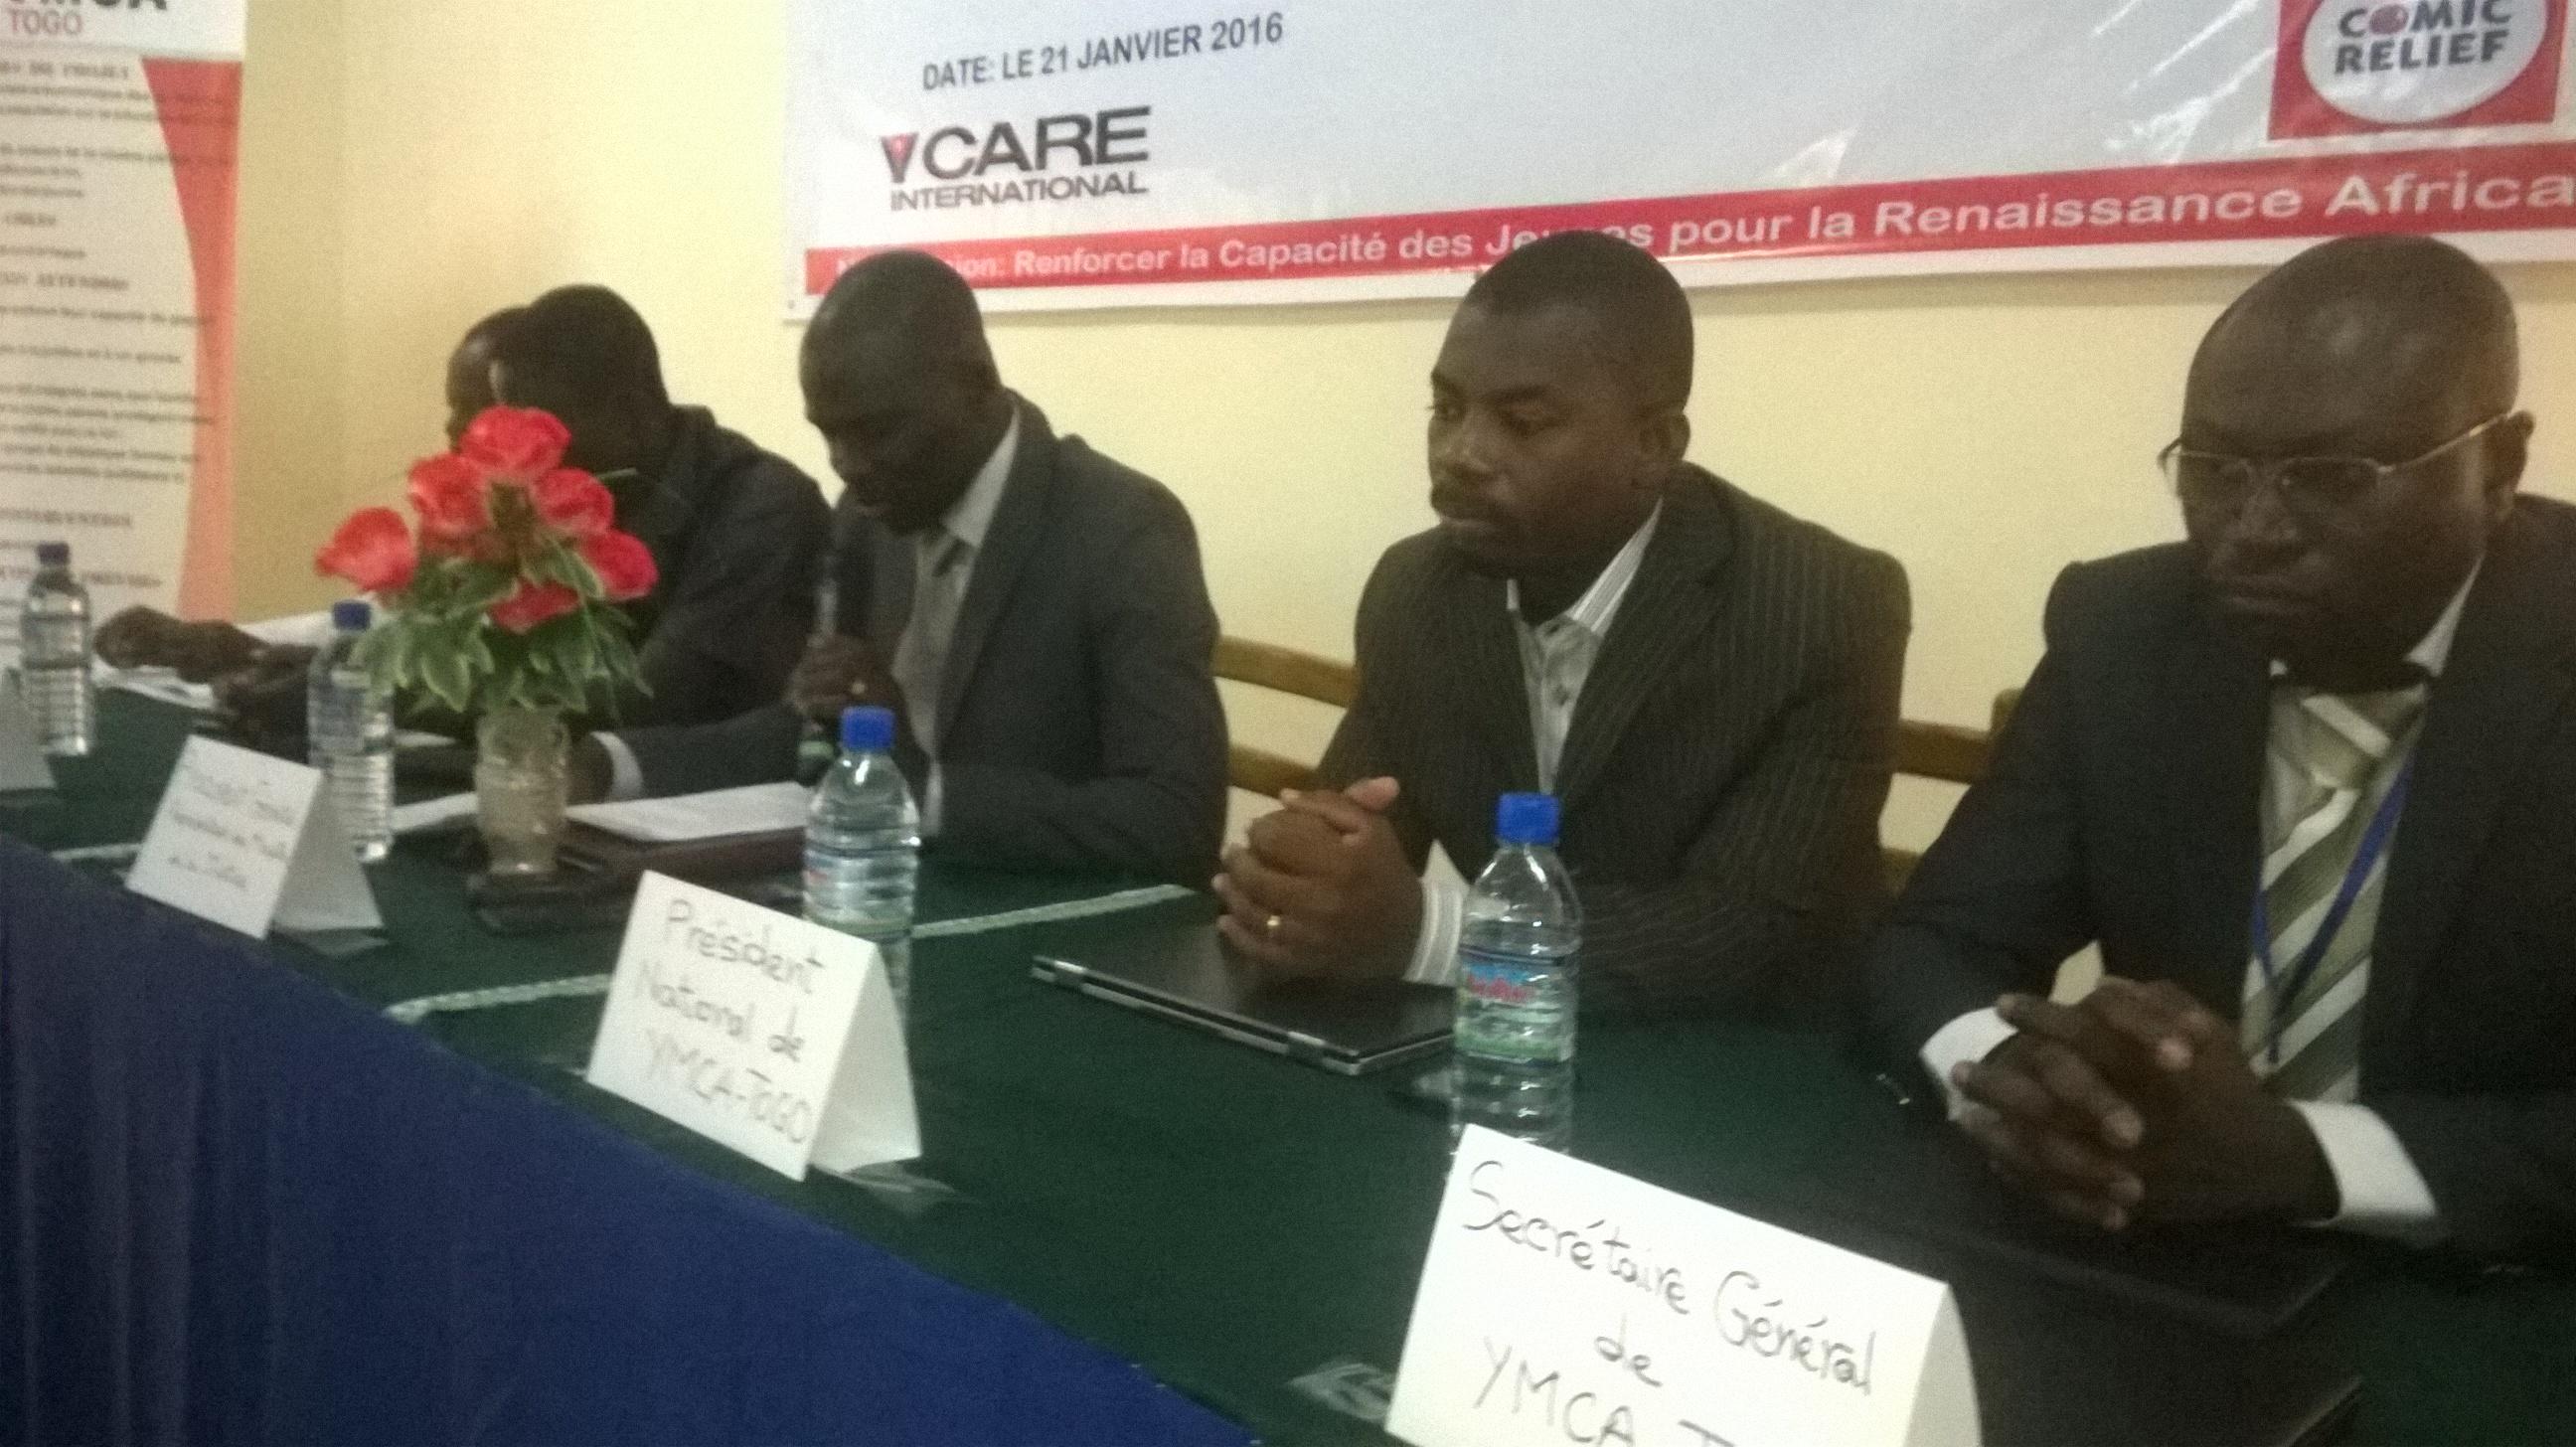 Le YMCA a officiellement lancé son projet «Protection et Réhabilitation de Jeunes Vulnérables au Togo» à Kara